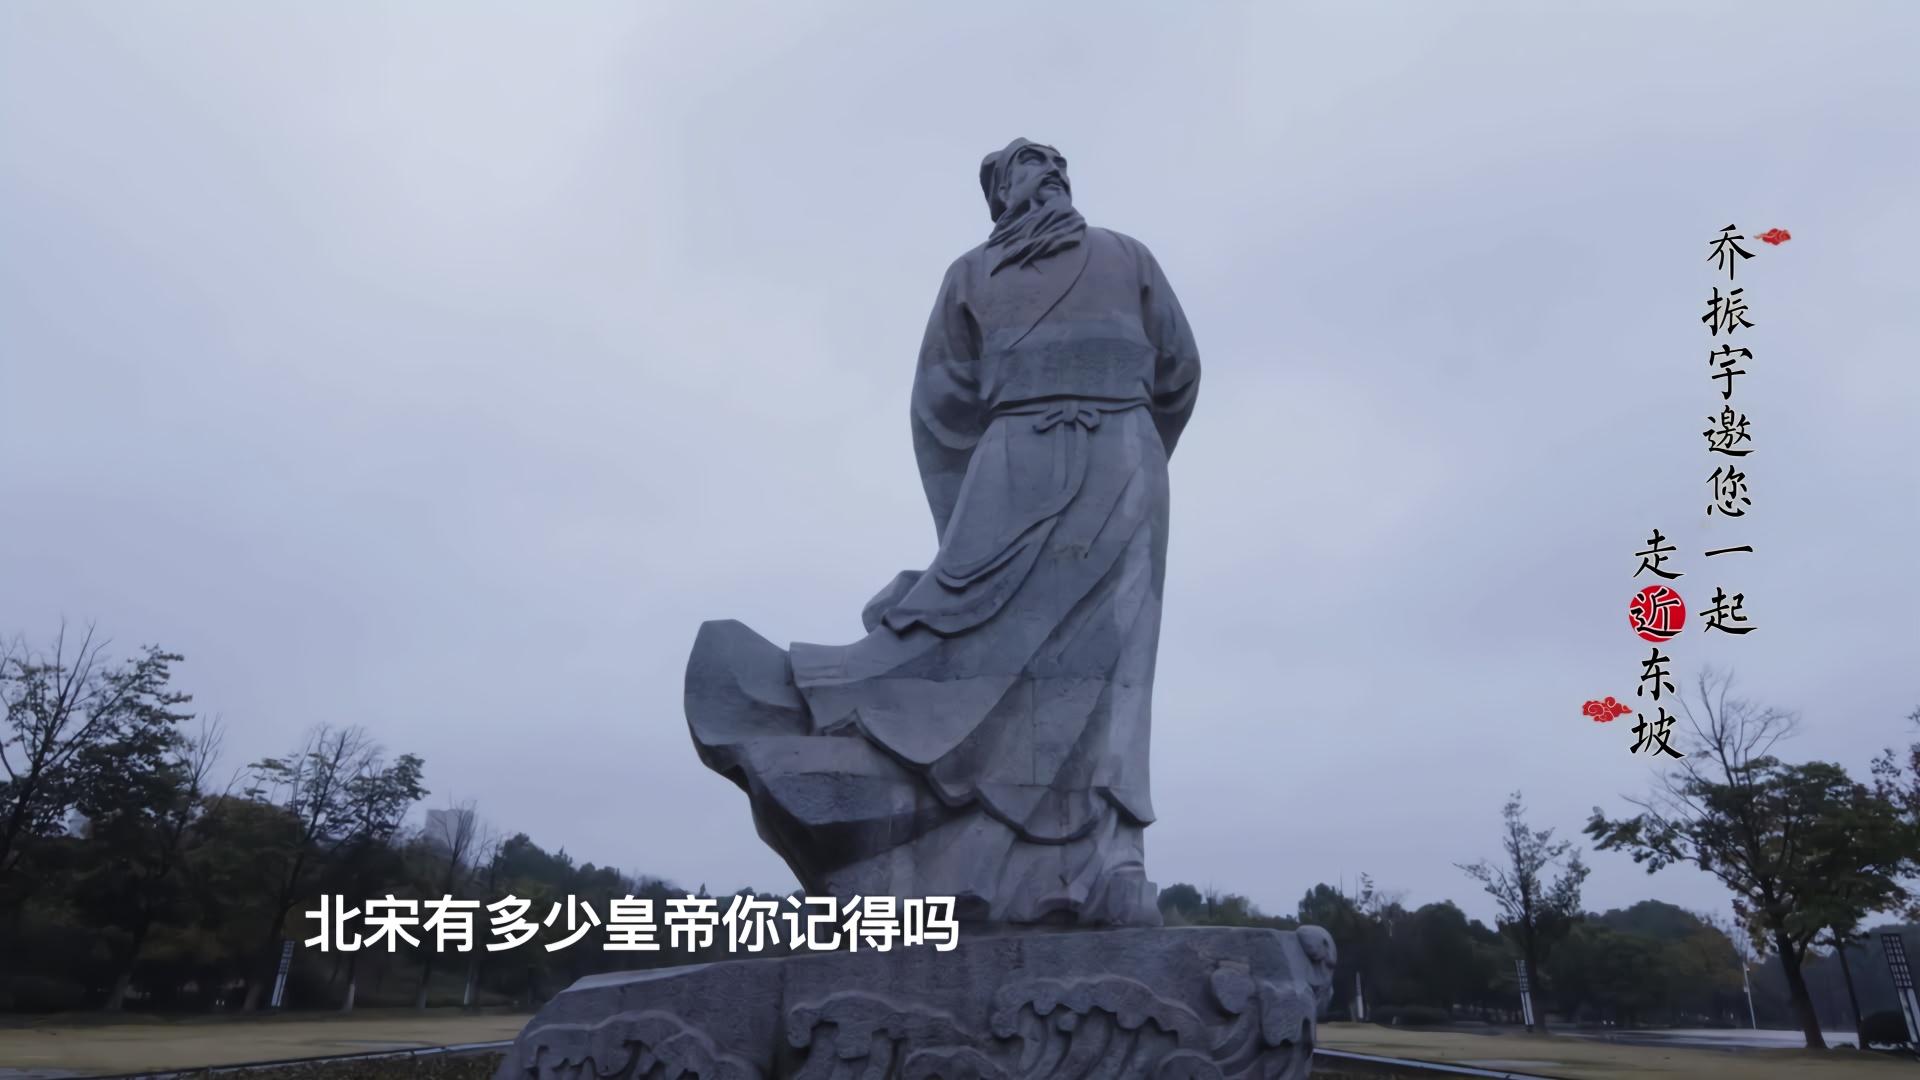 《一路书香2》第十集预告:窦文涛乔振宇黄冈赤壁踏雪忆苏东坡